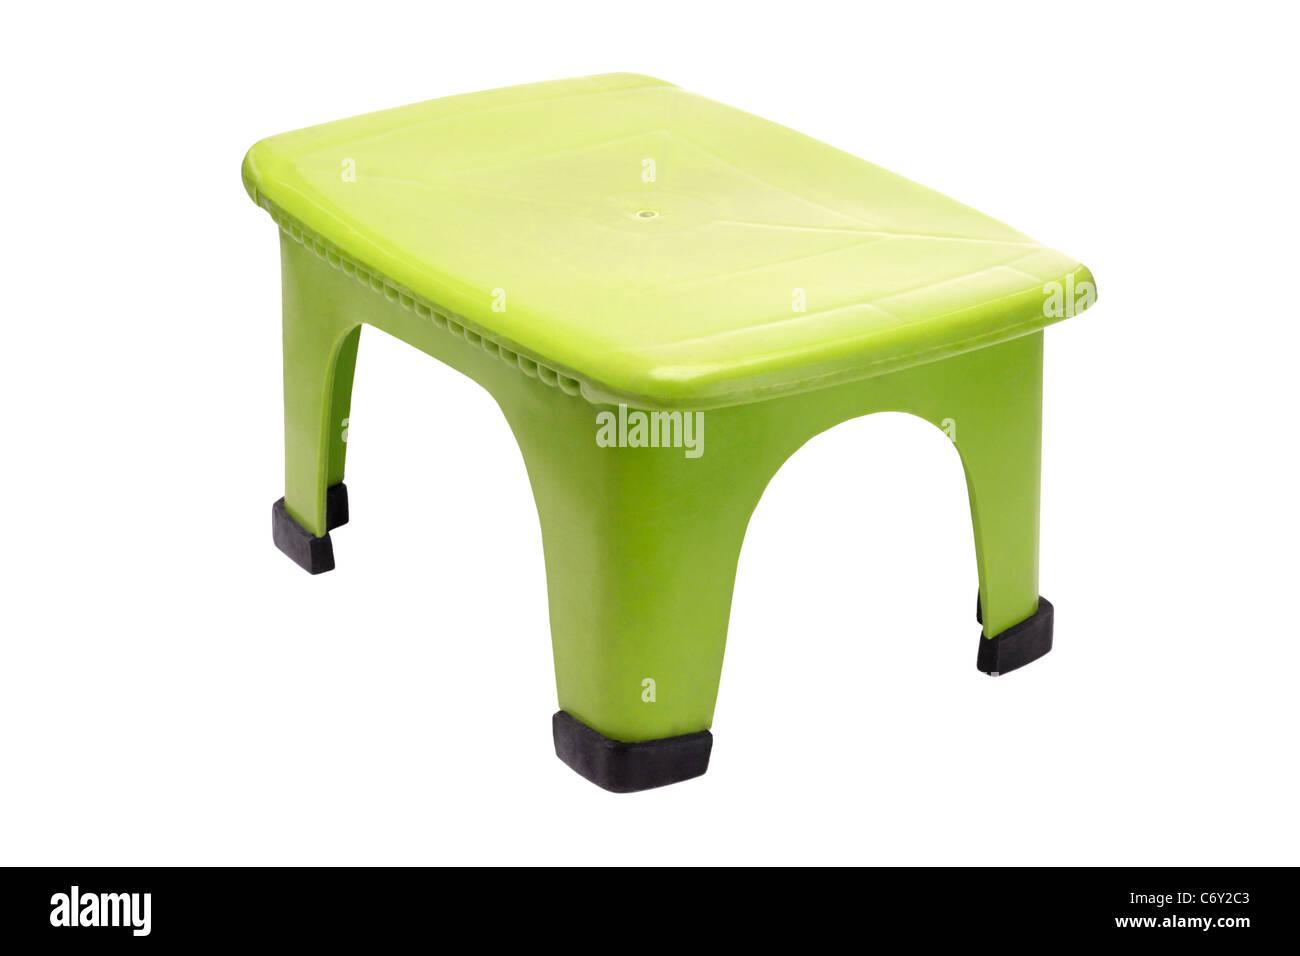 Kleine grüne Kunststoff Hocker auf weißem Hintergrund Stockbild